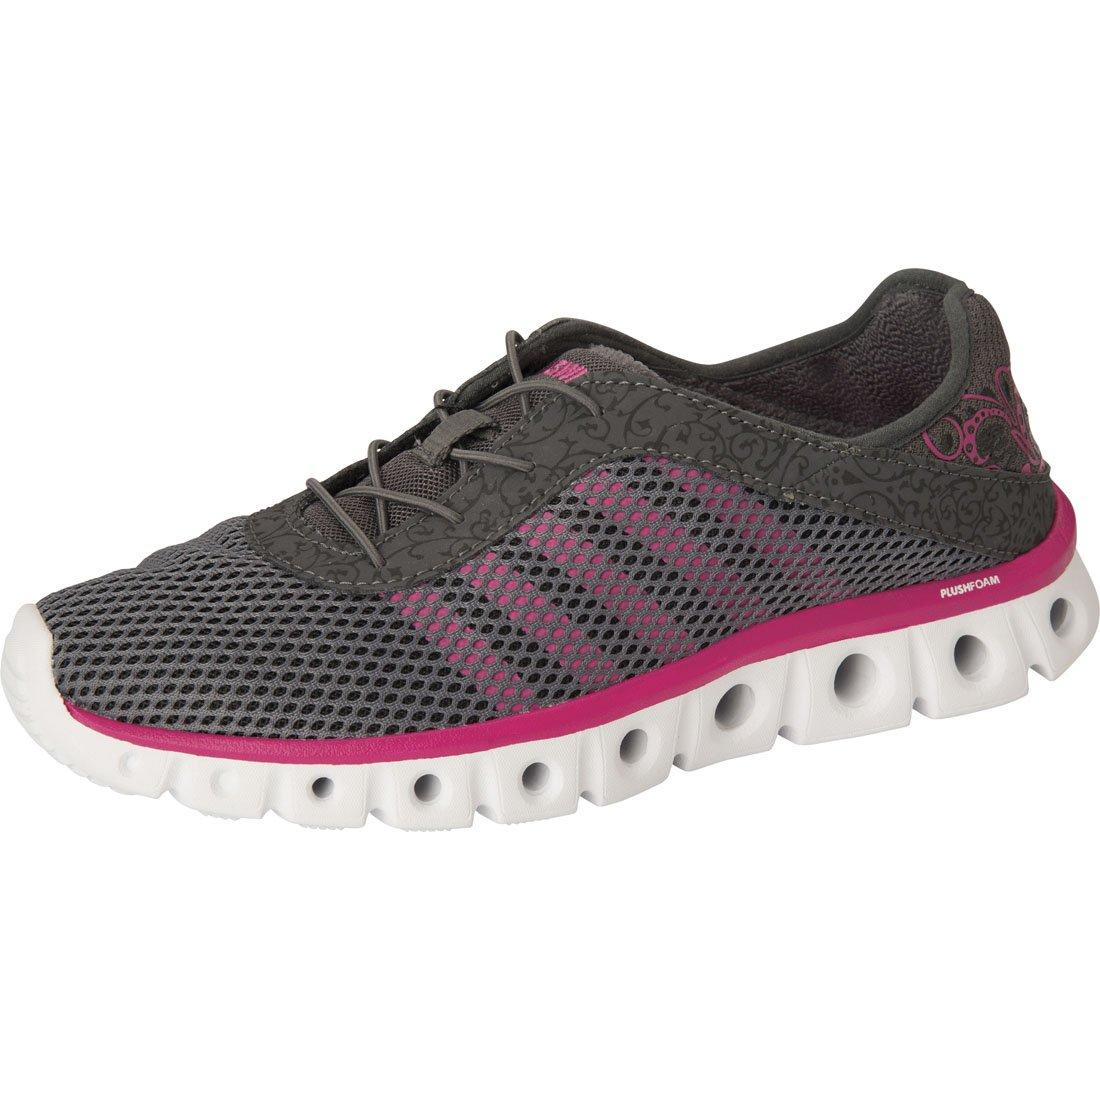 K-Swiss Women's Foam Sneaker_Charcoal/BeetrootPurple_9H,CMFXATHLEISURE